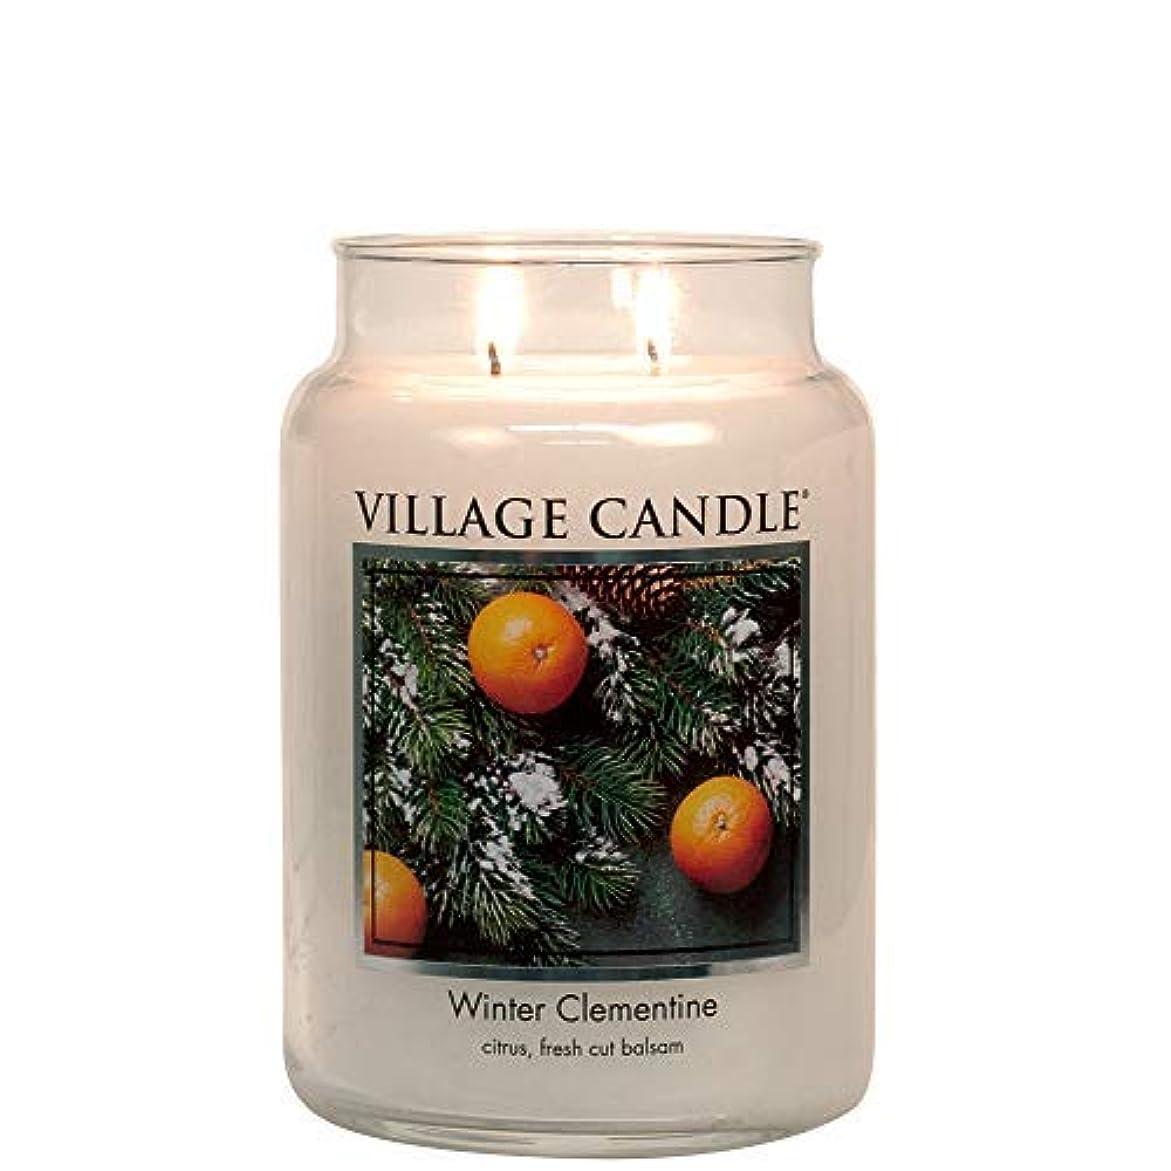 殺人したい慢なVillage Candle Winter Clementine 26 oz Glass Jar Scented Candle Large [並行輸入品]